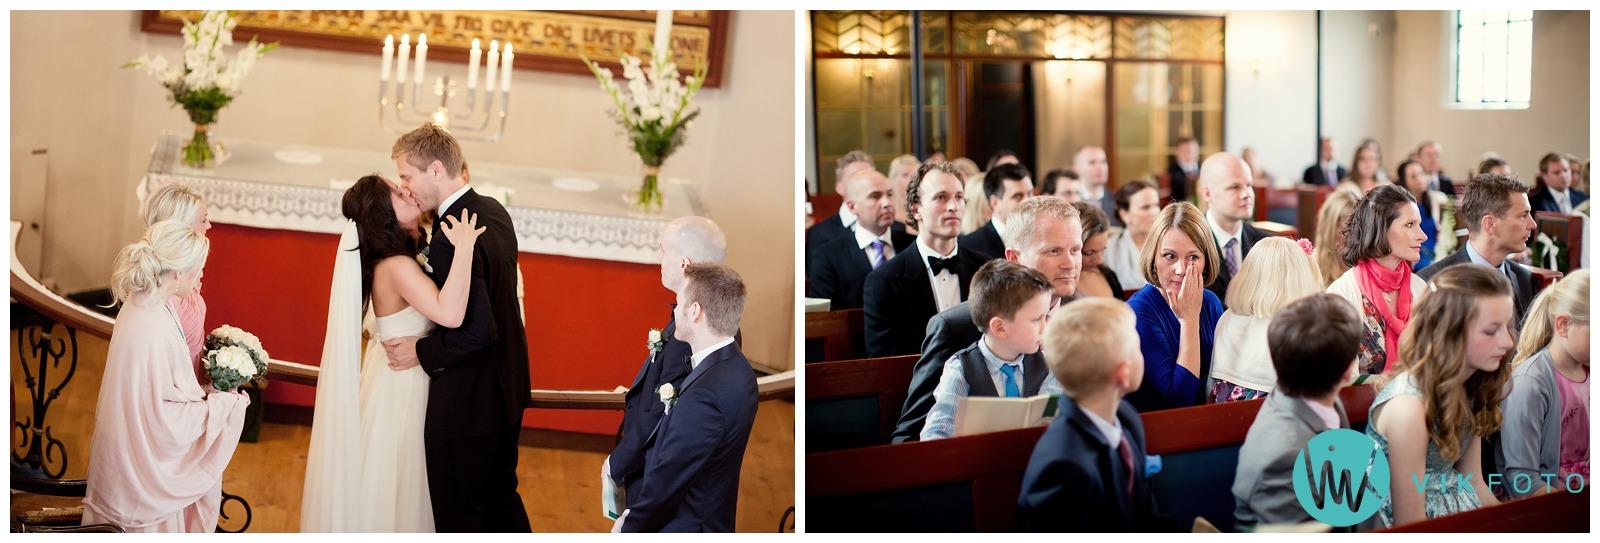 32-bryllupsfotograf-oslo-sorkedalen-kirke.jpg